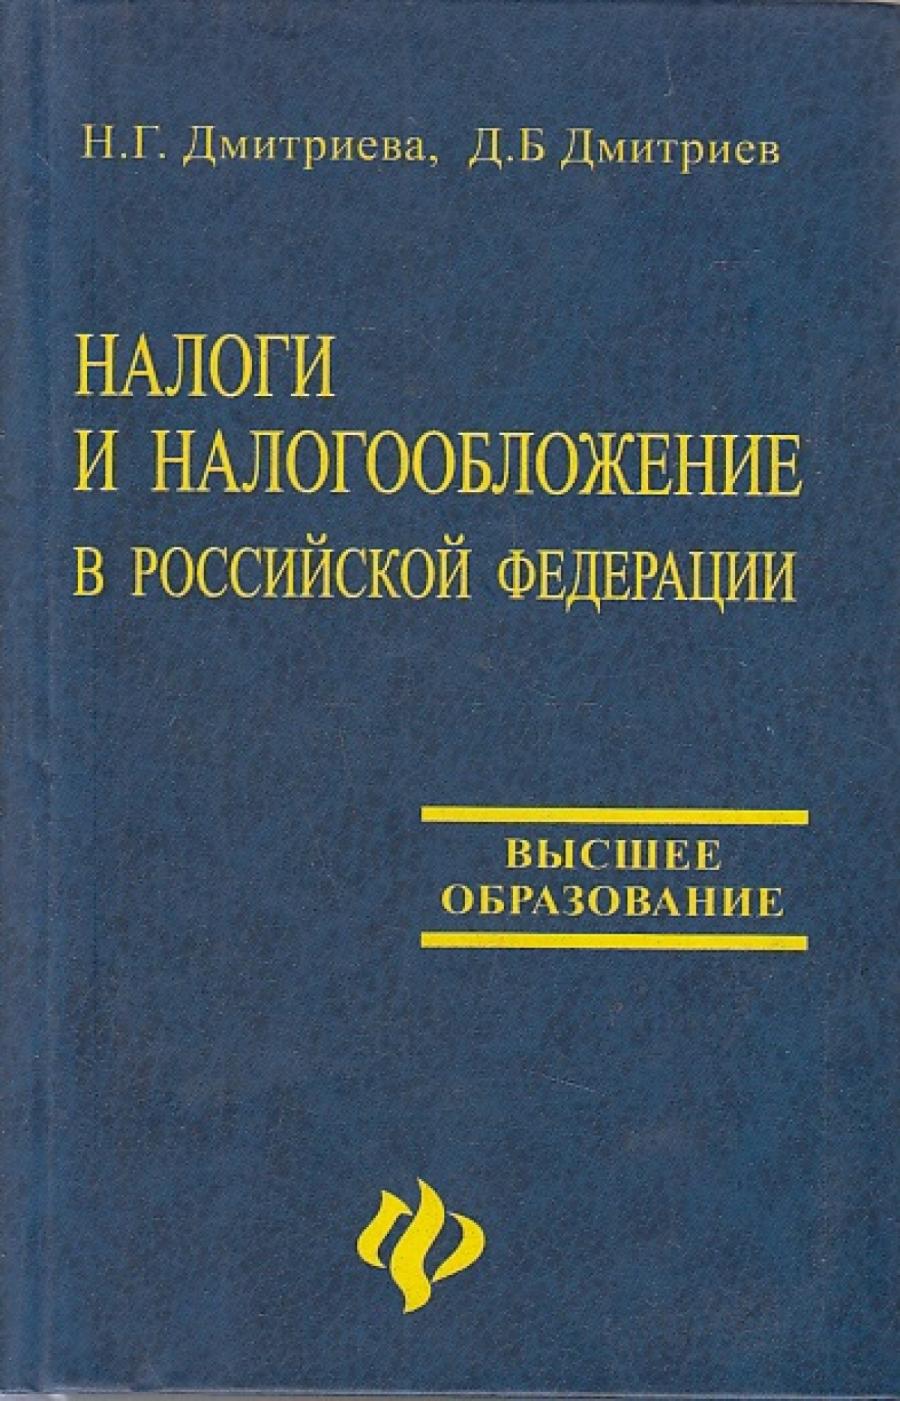 Обложка книги:  н.г. дмитриева, д. б. дмитриев - налоги и налогообложение в российской федерации